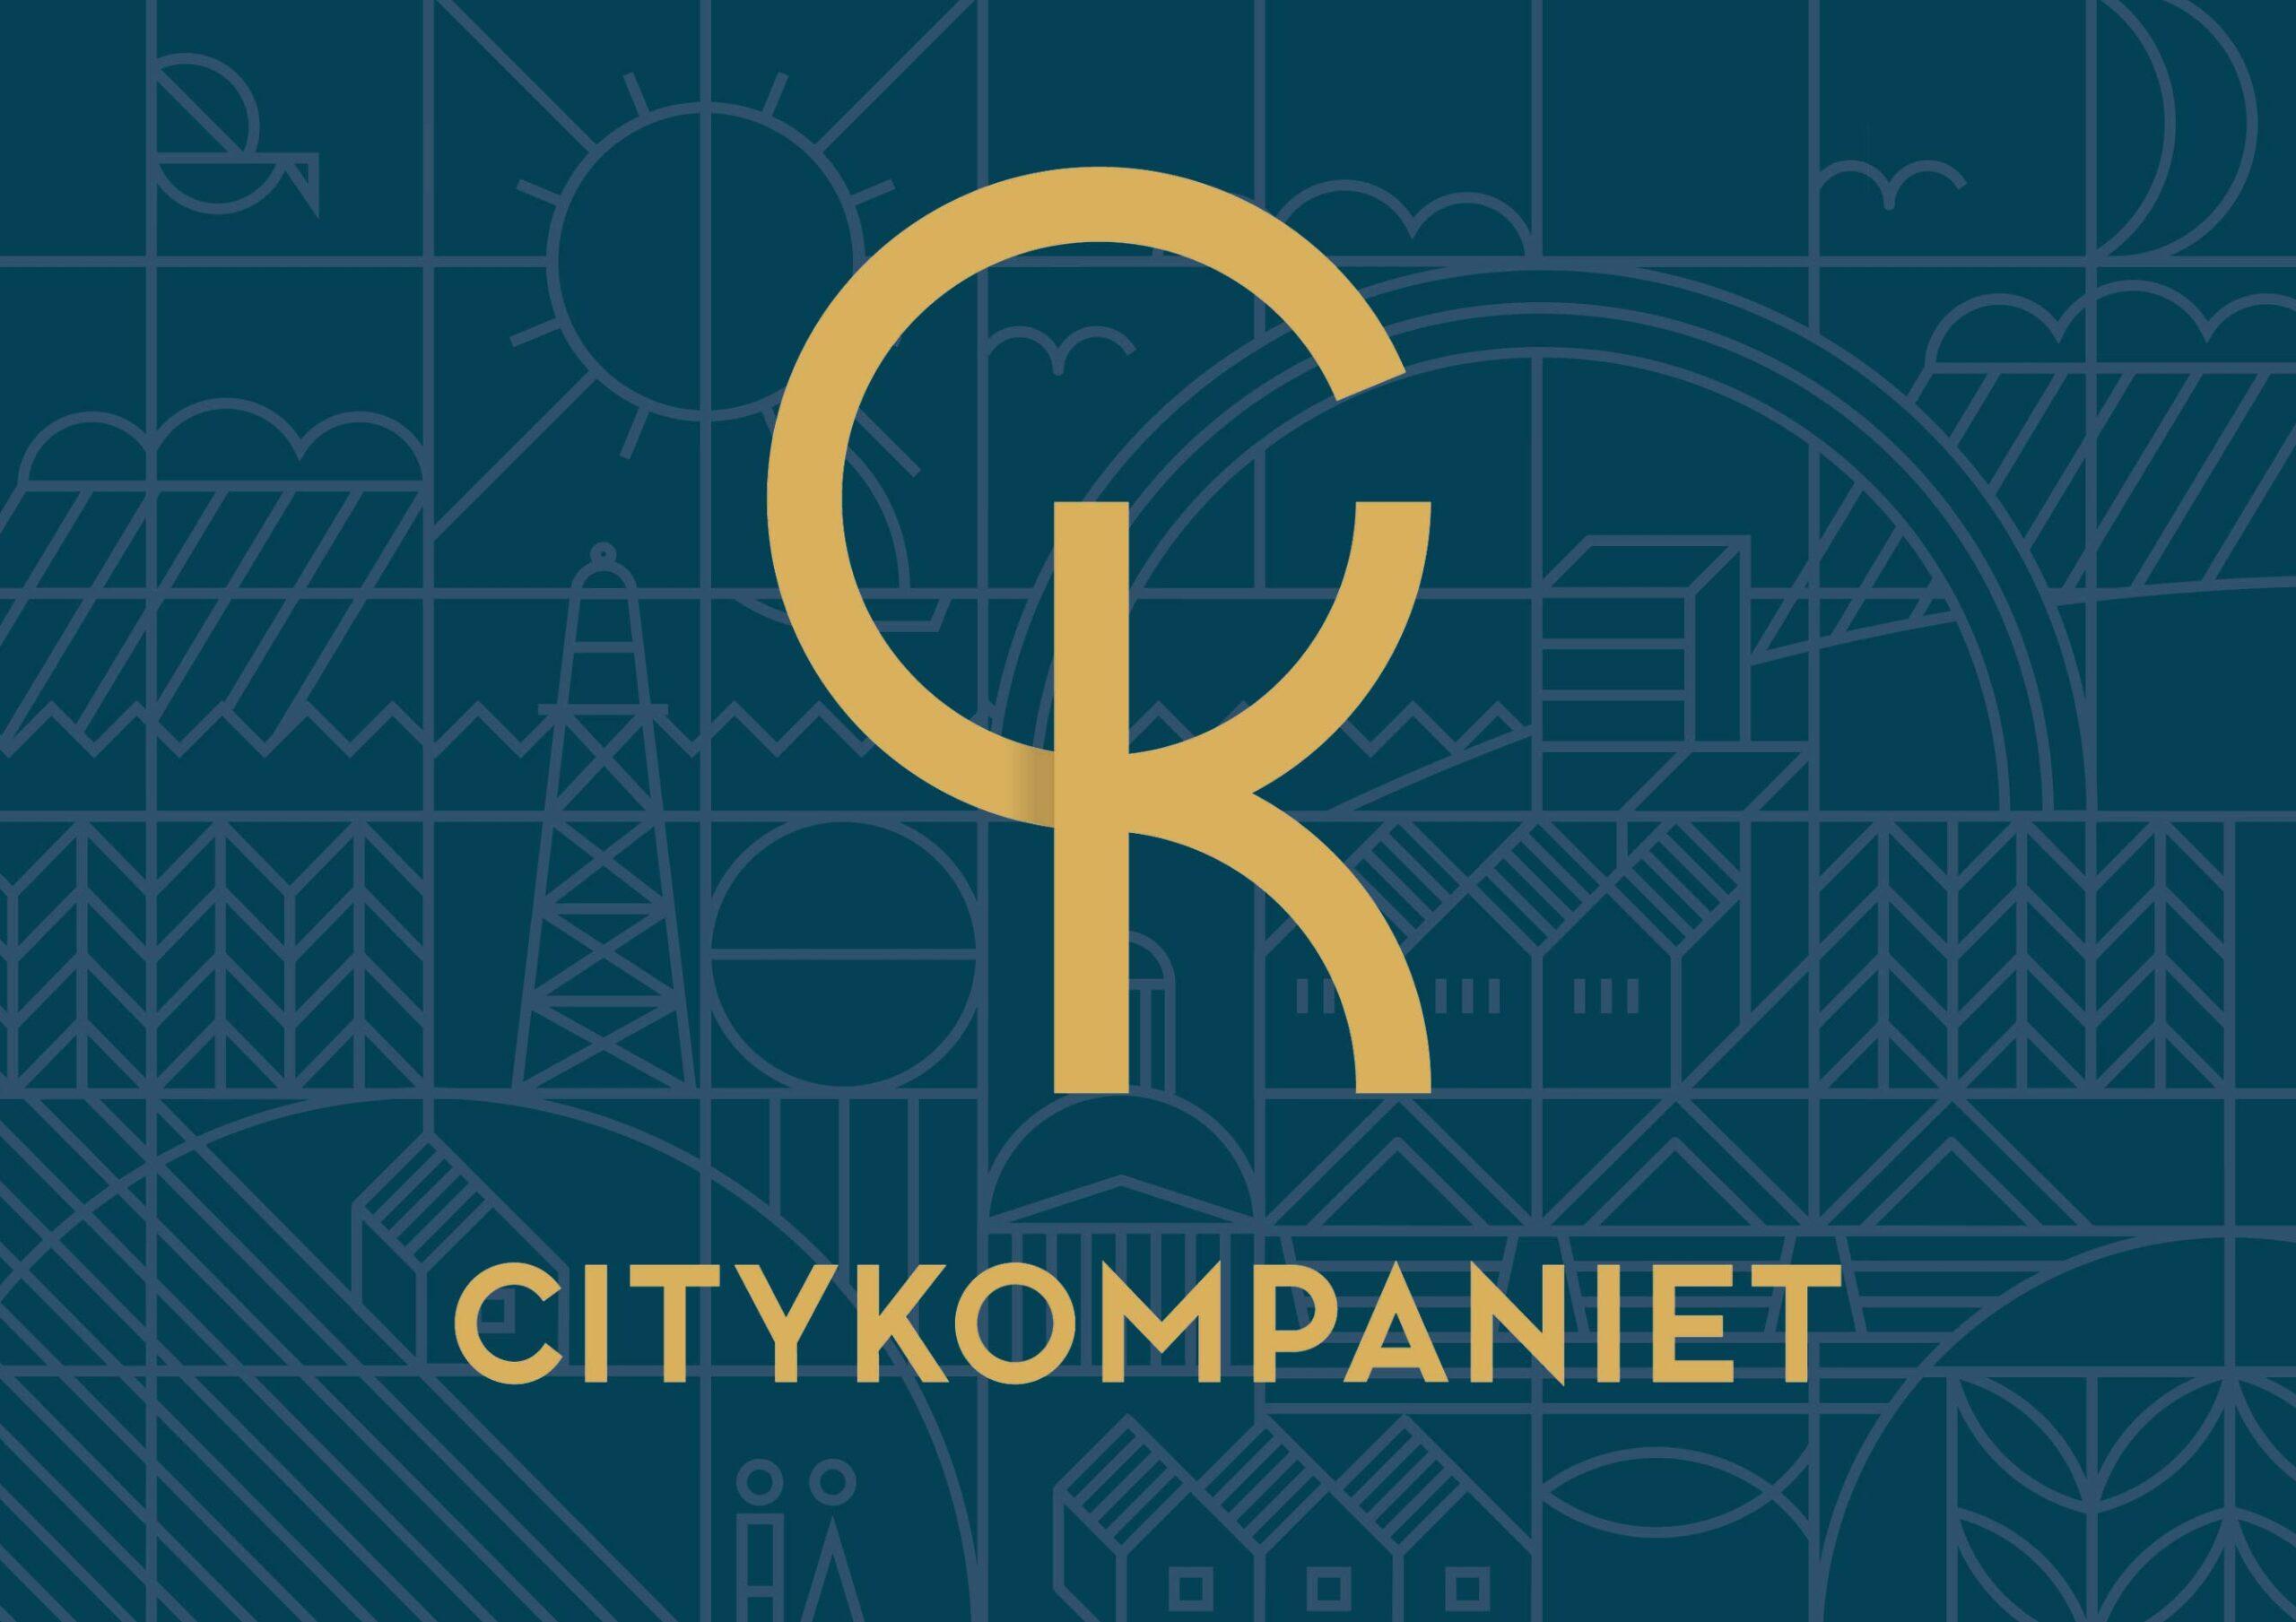 Citykompaniet